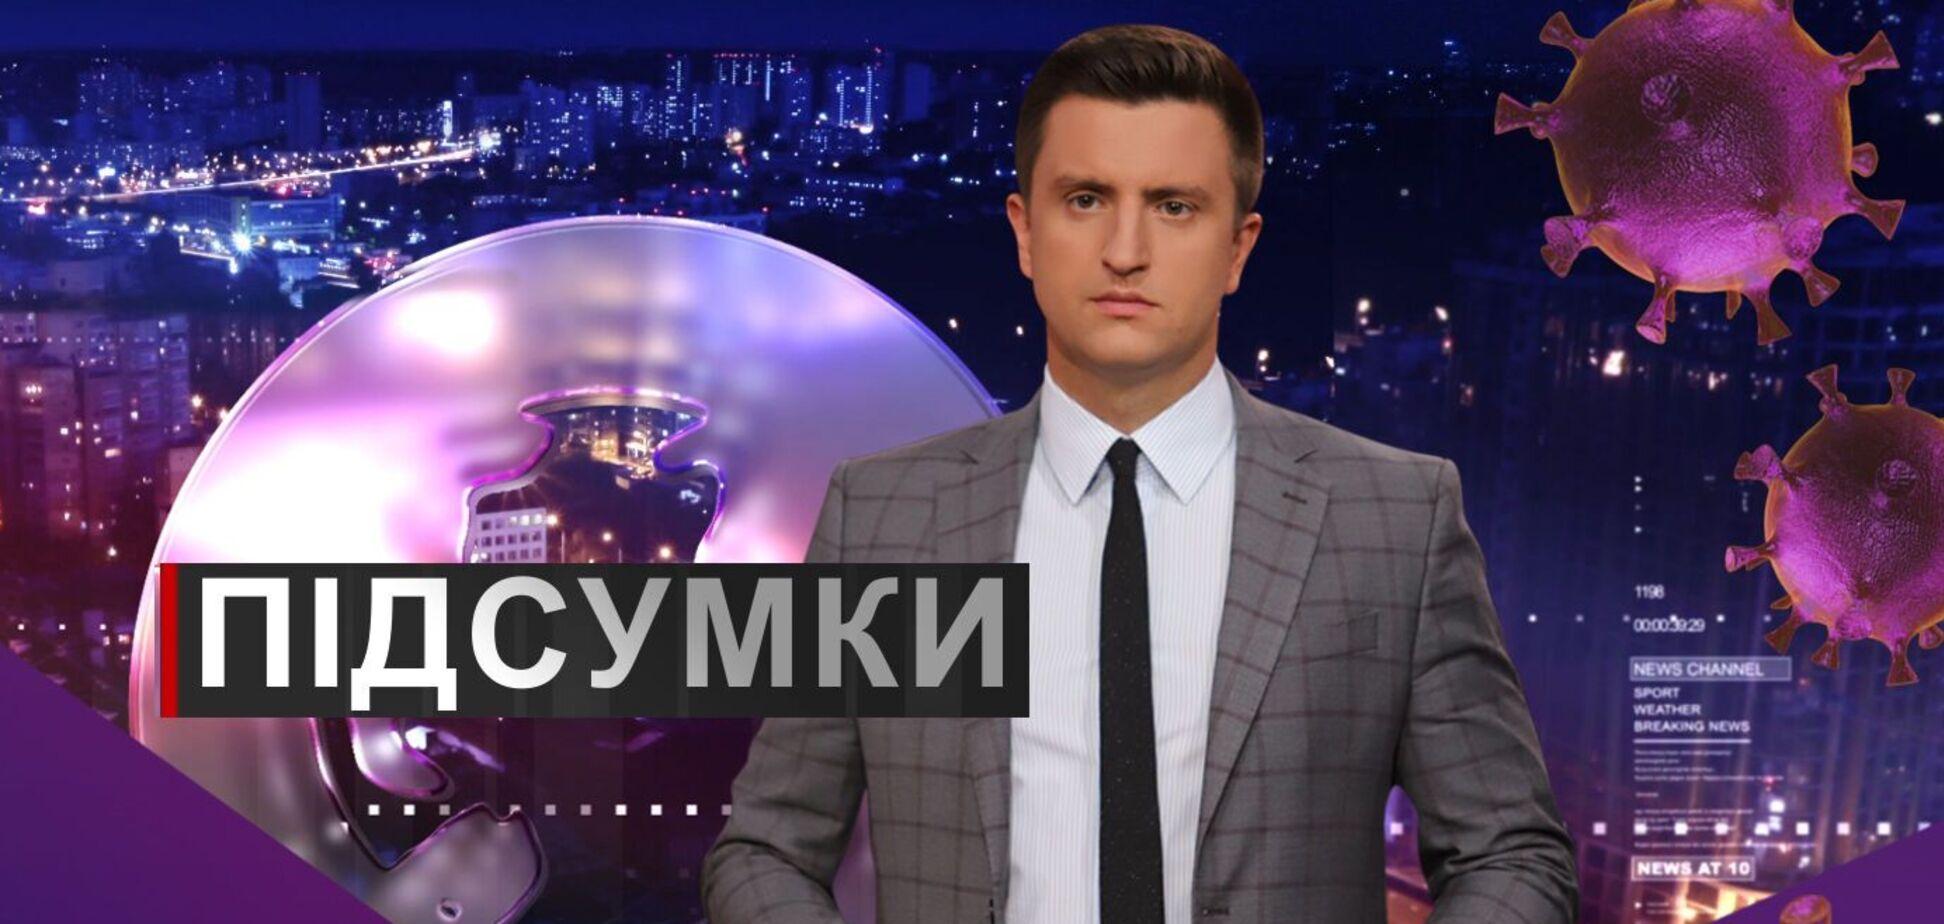 Підсумки дня з Вадимом Колодійчуком. П'ятниця, 11 вересня